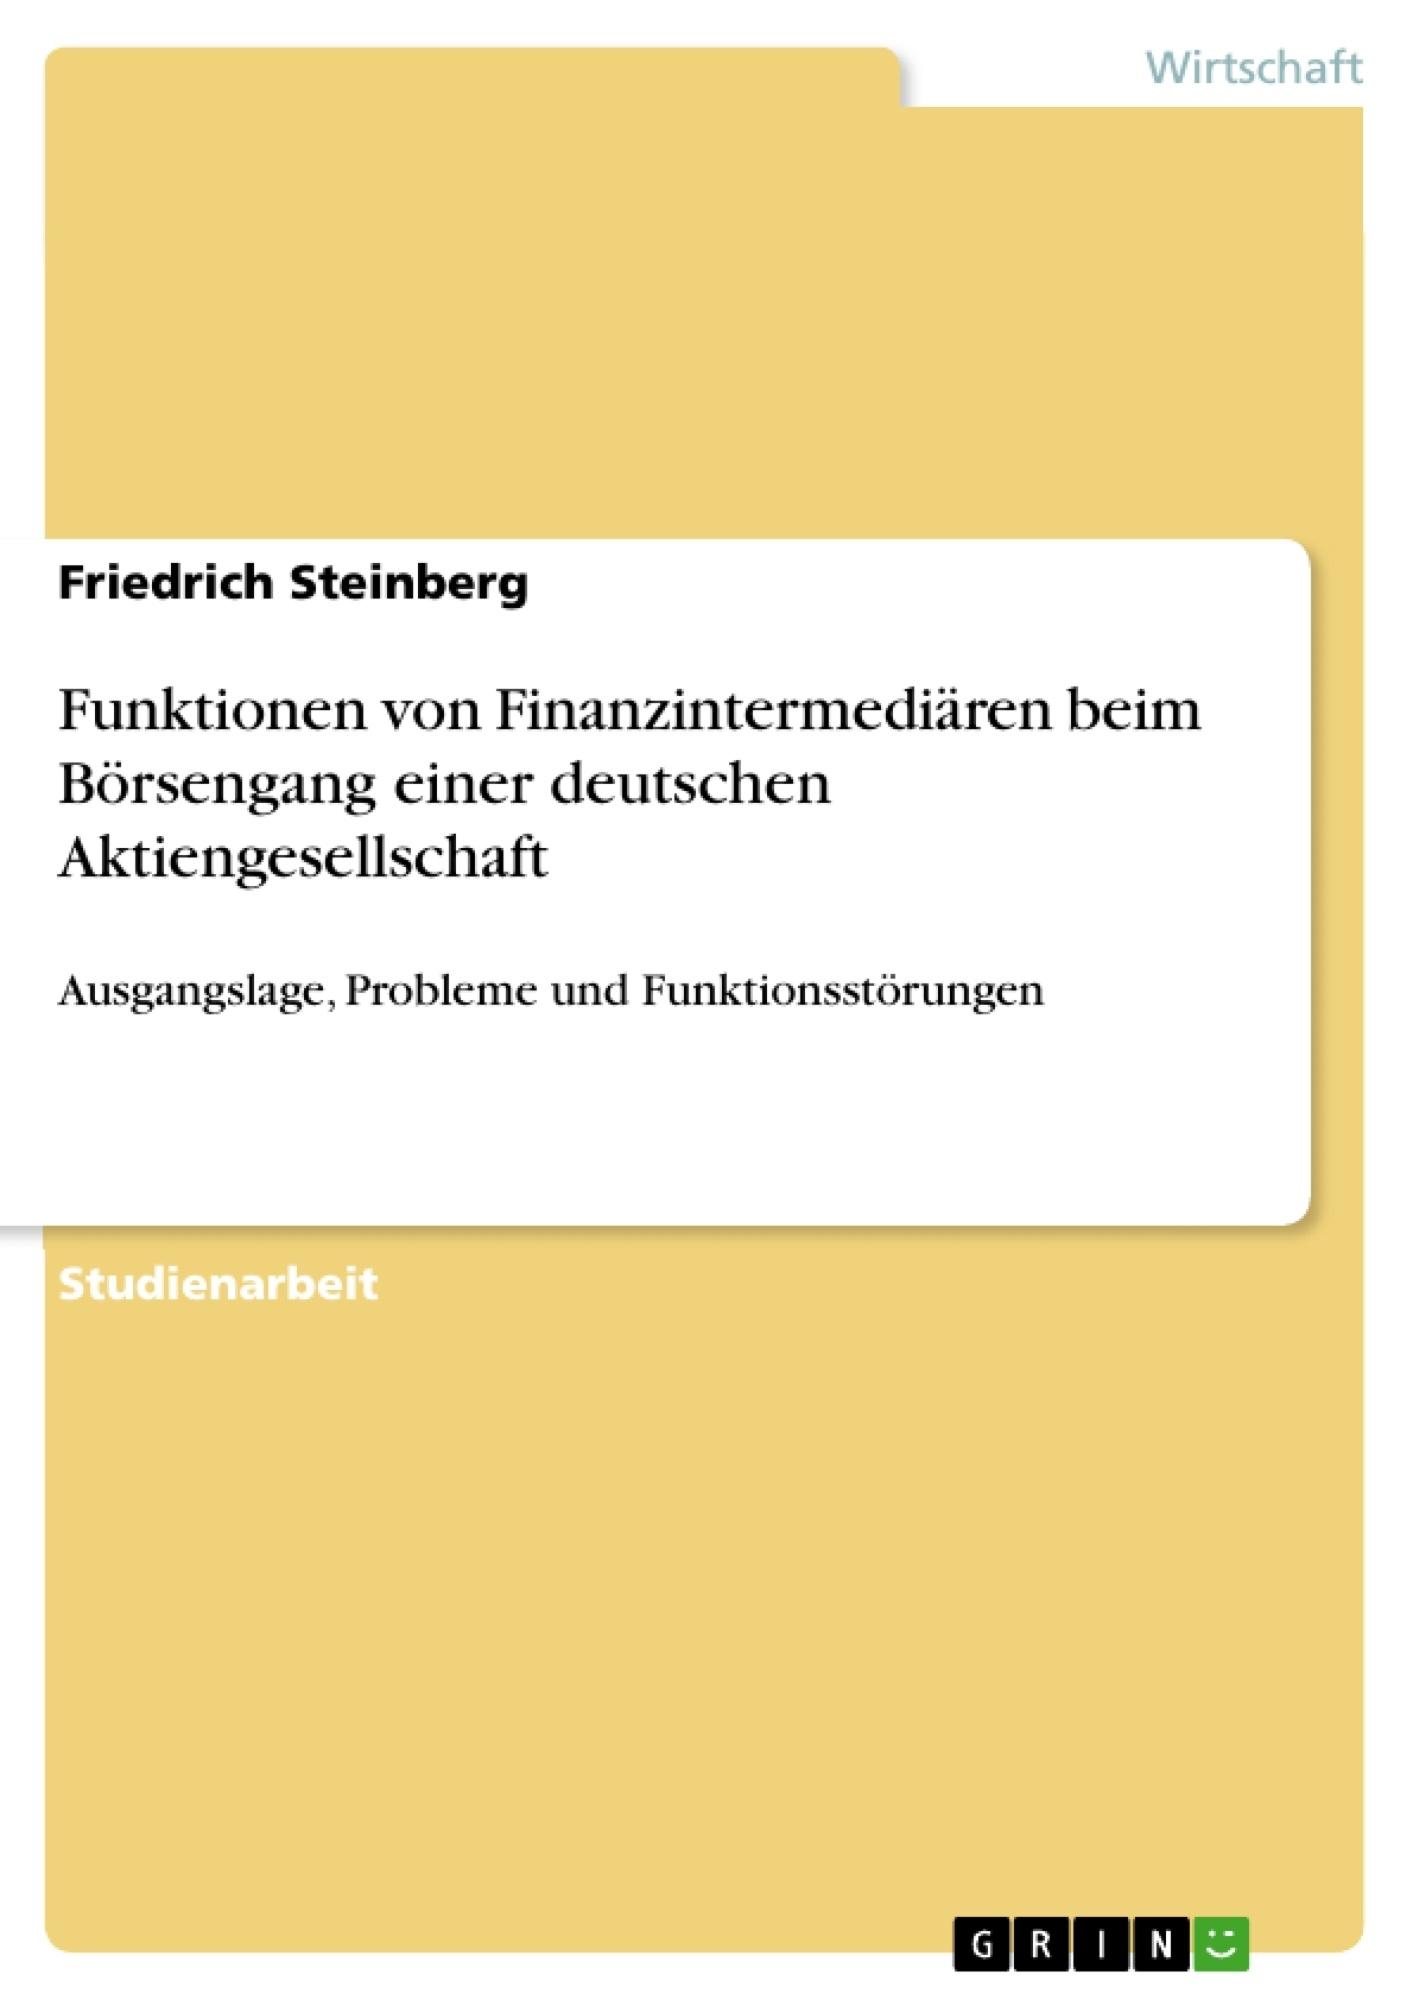 Titel: Funktionen von Finanzintermediären beim Börsengang einer deutschen Aktiengesellschaft